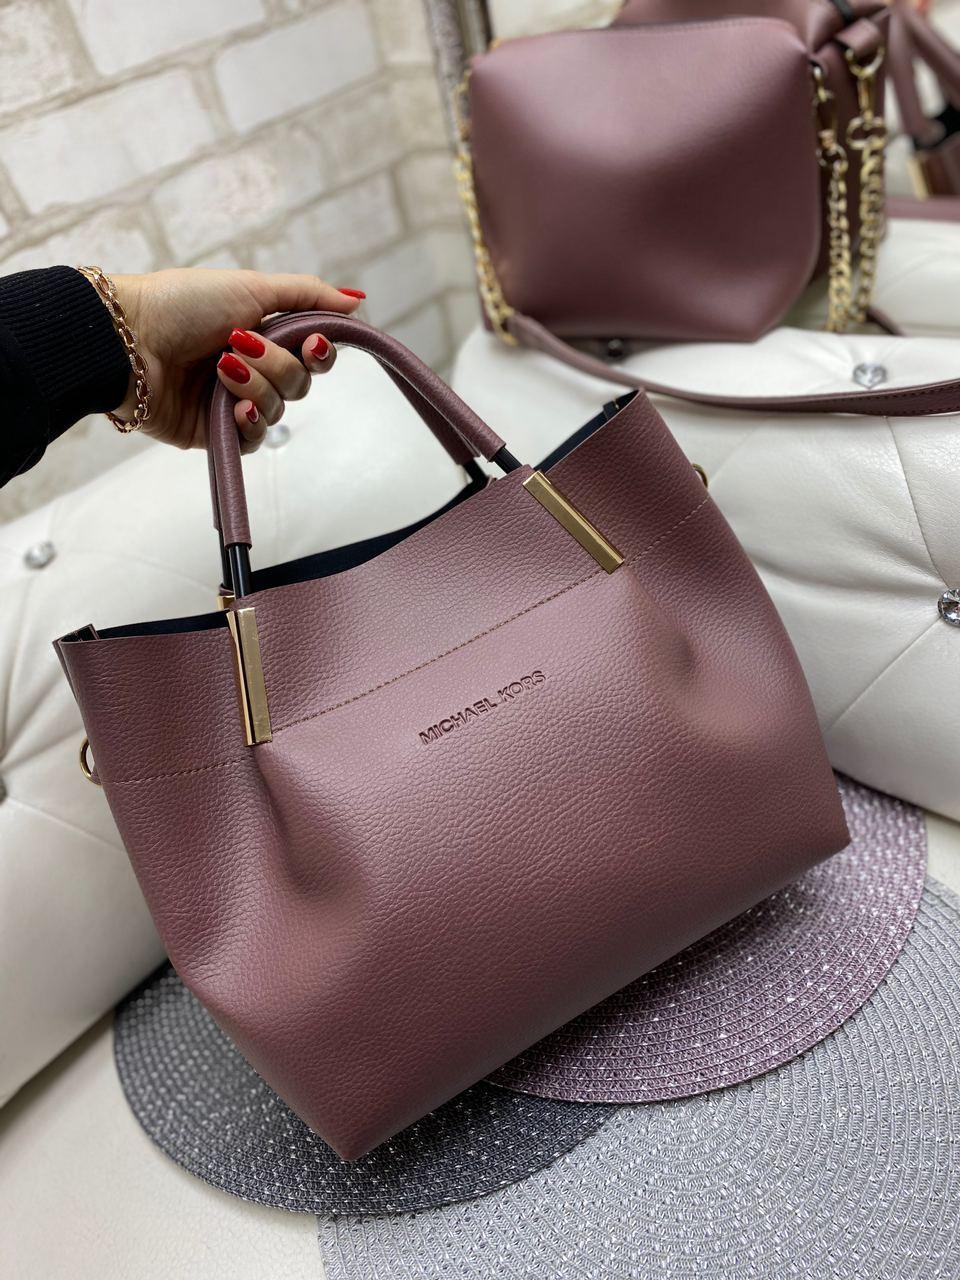 Женская сумка большая на плечо с косметичкой клатчем городская стильная набор темная пудра кожзам